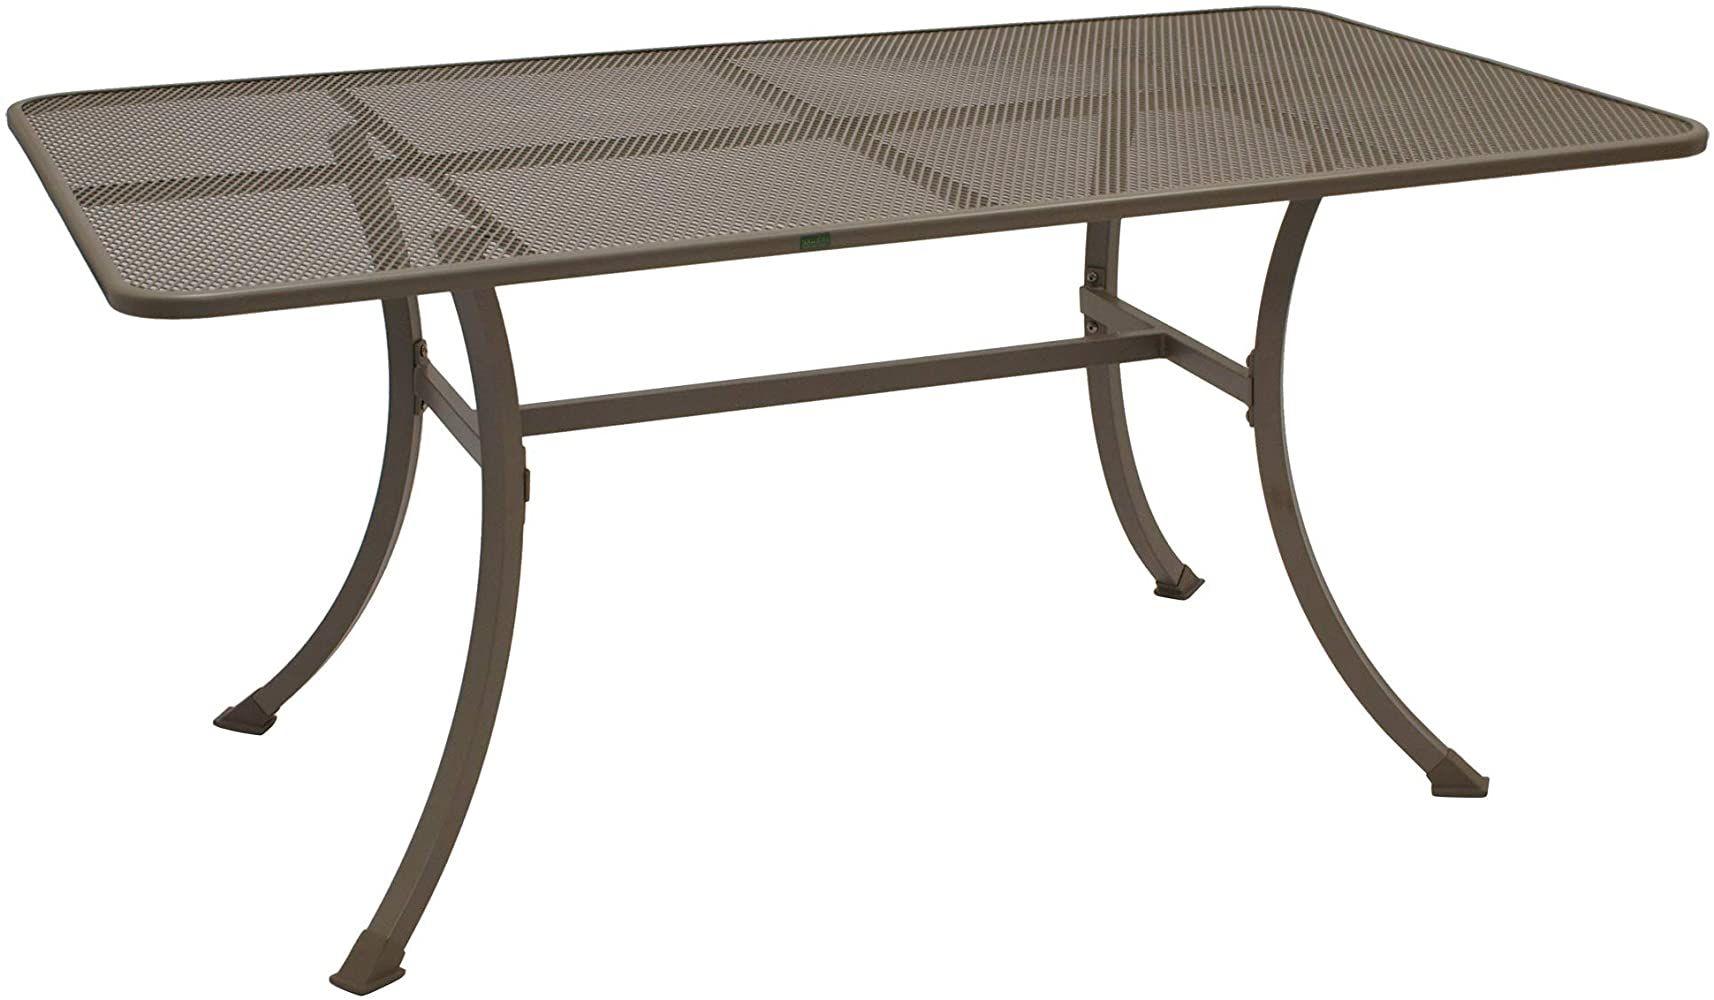 Gartenmoebel Einkauf Streckmetall Tisch Roma 90x160cm Mit Stabilem